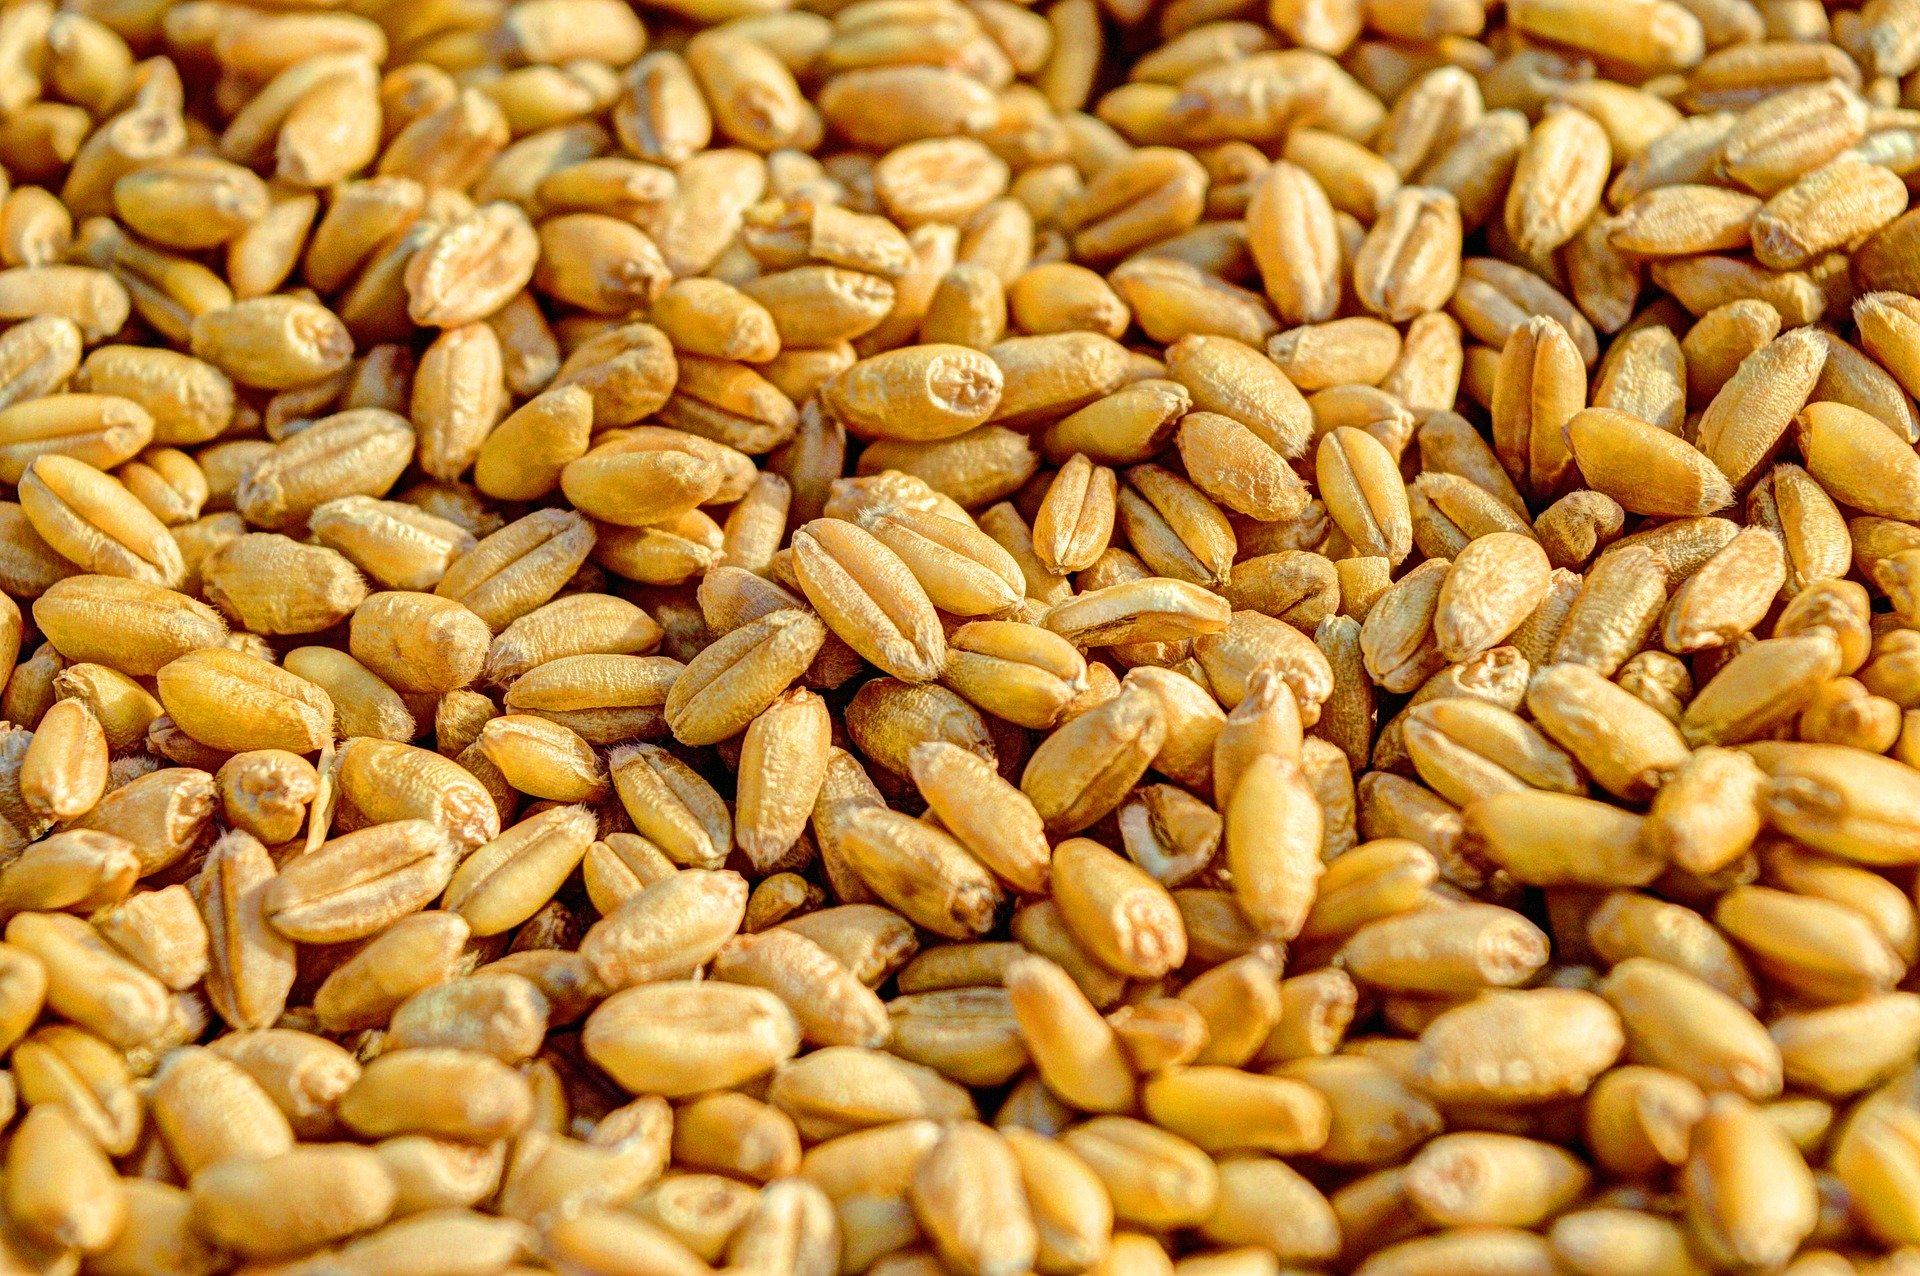 wheat-381848_1920- Image by $uraj tripat